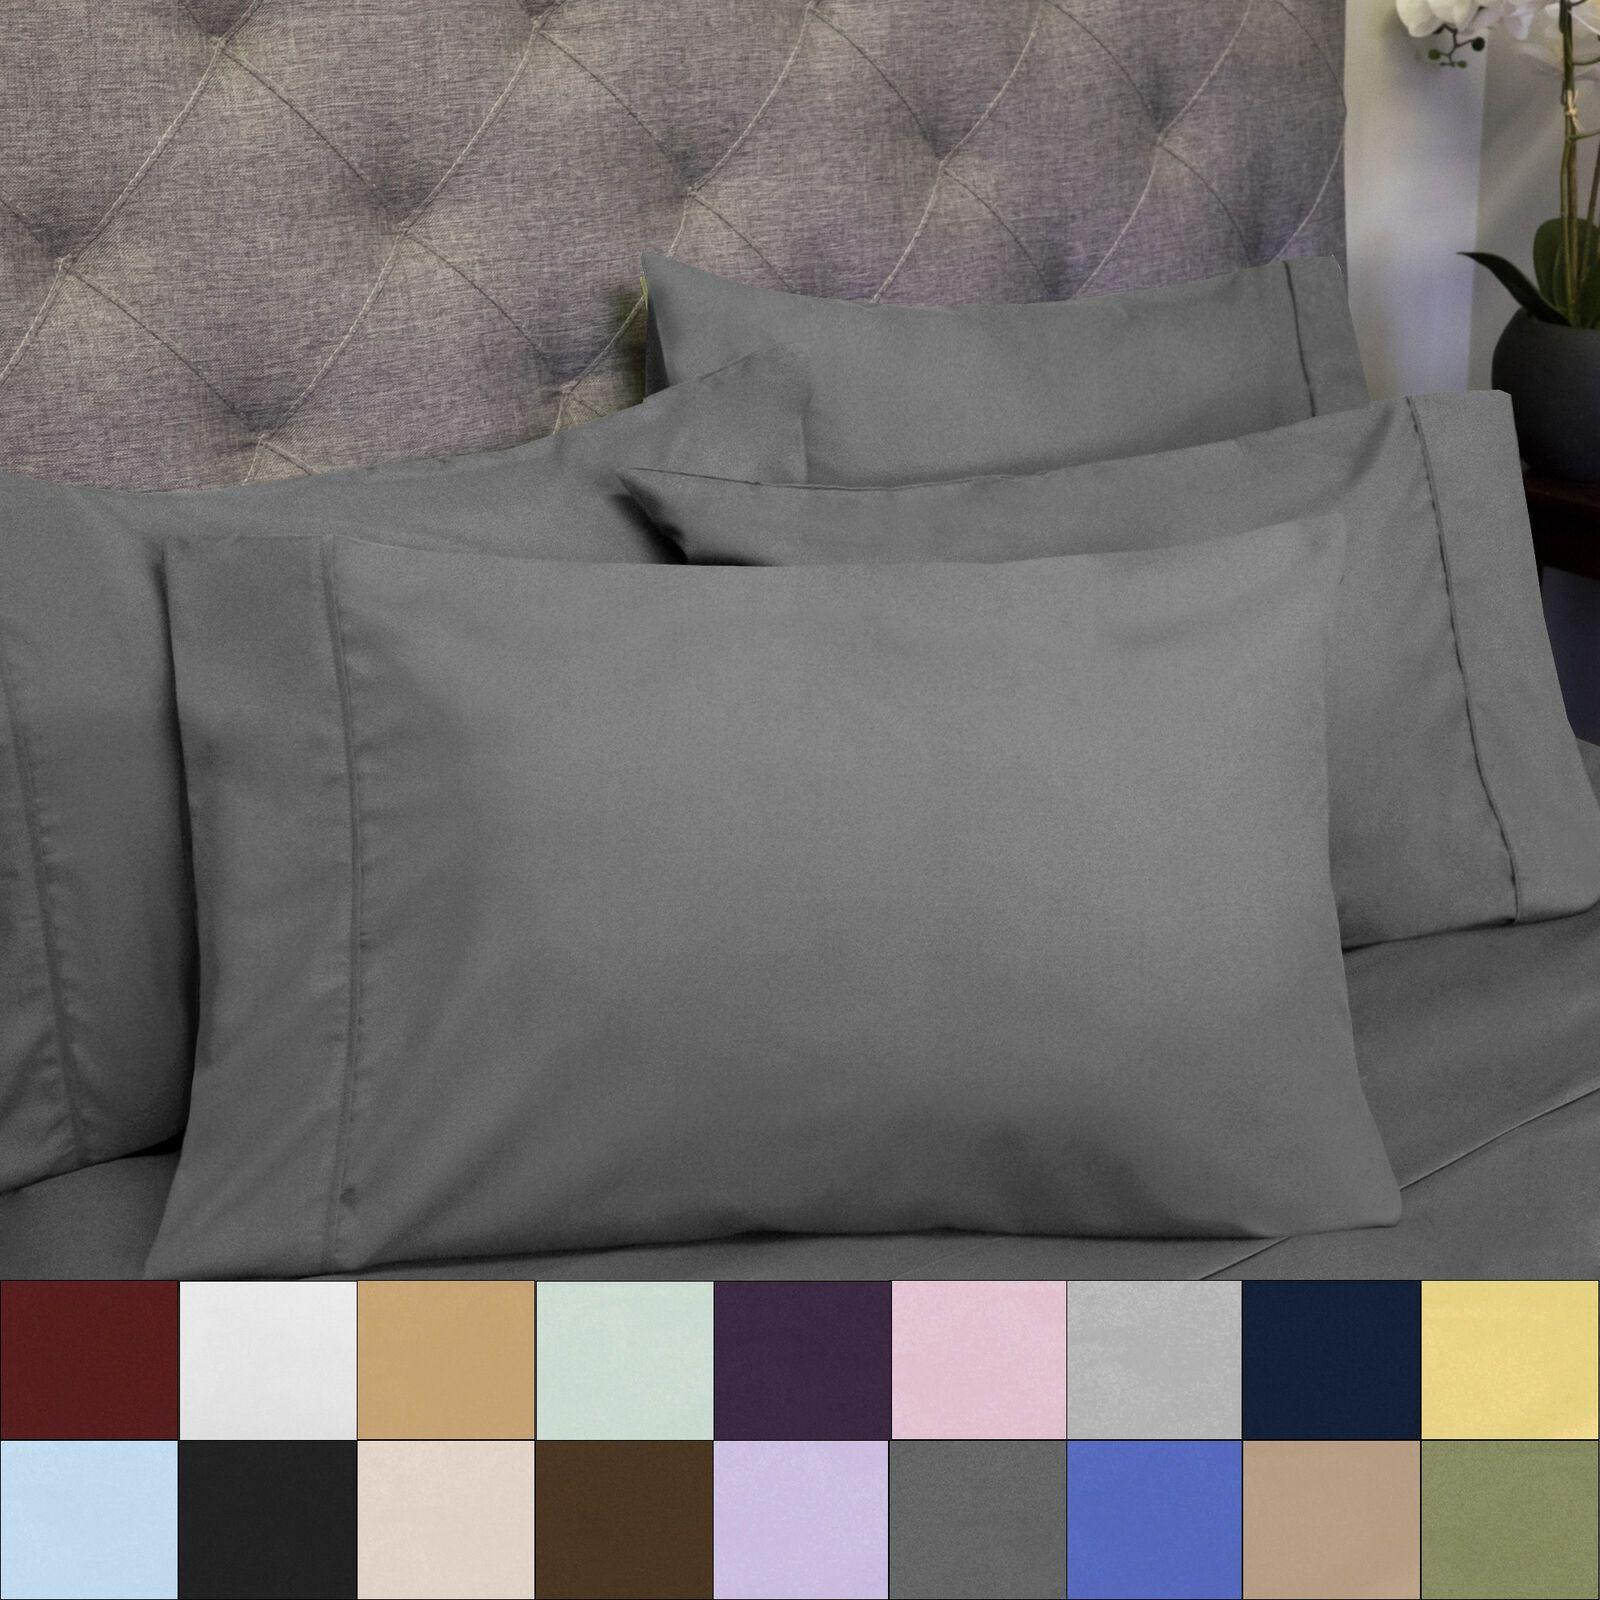 6 piece bedroom bed sheet set 1500 thread count luxury